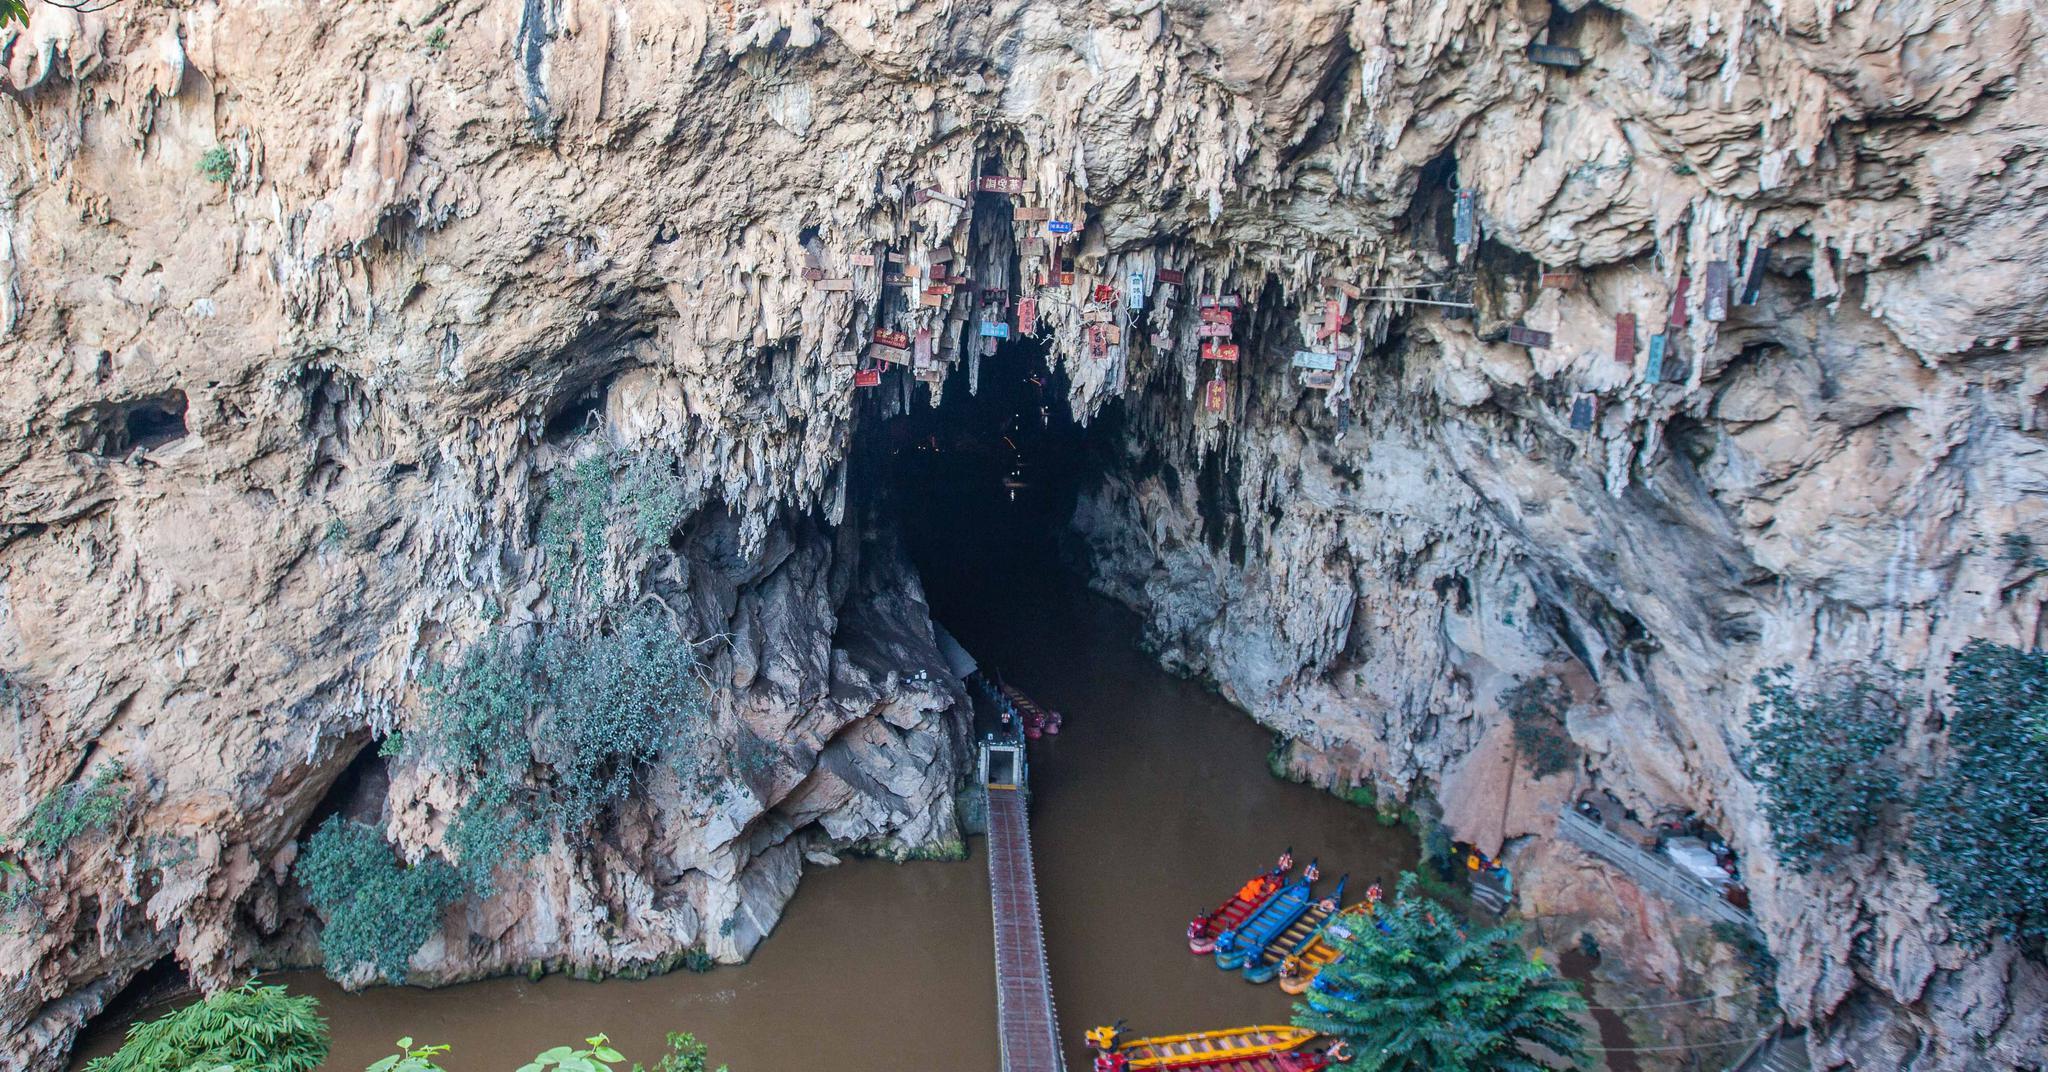 每年3月21日,建水燕子洞攀岩者无任何防护爬到洞顶进行钟乳悬匾